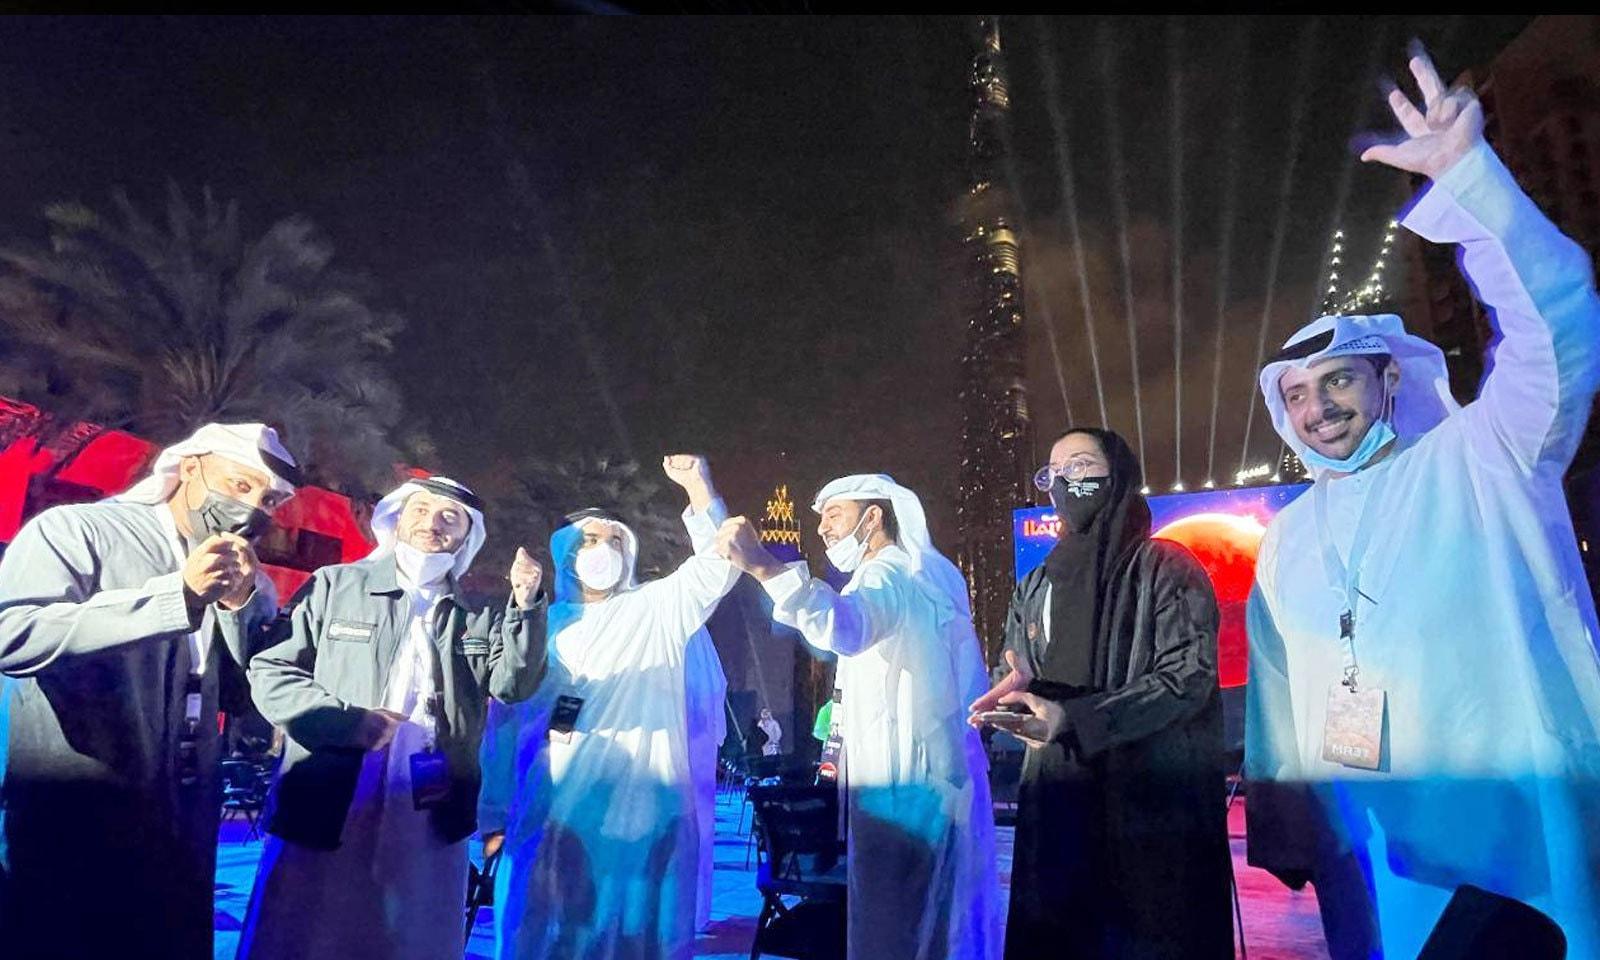 ہوپ مشین 9 فروری کو مریخ کی مدار میں داخل ہوئی تھی، جس پر امارات میں جشن منایا گیا تھا—فوٹو: خلیج ٹائمز